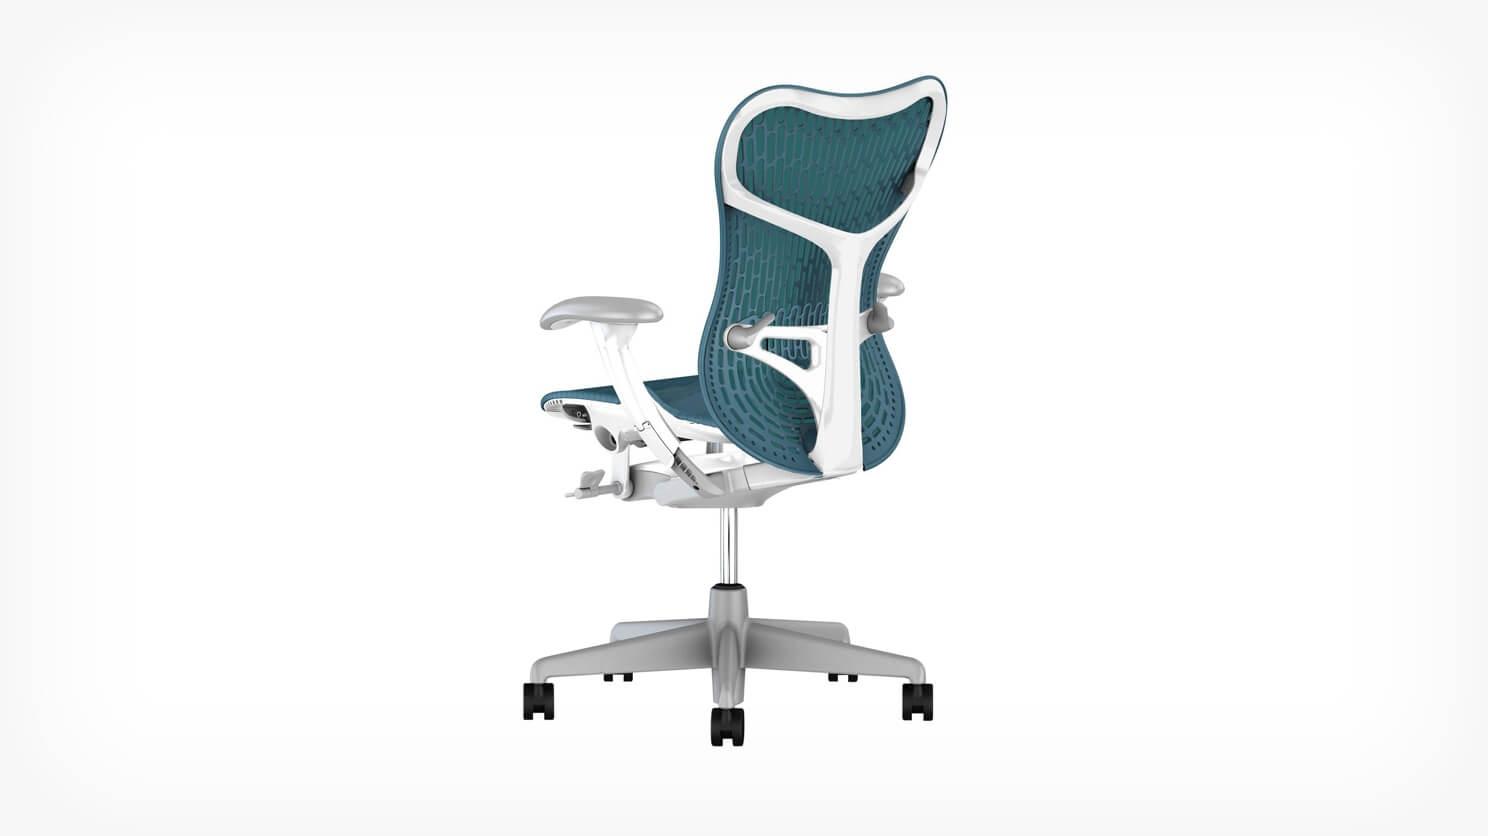 mirra 2 chair cheetah print folding eq3